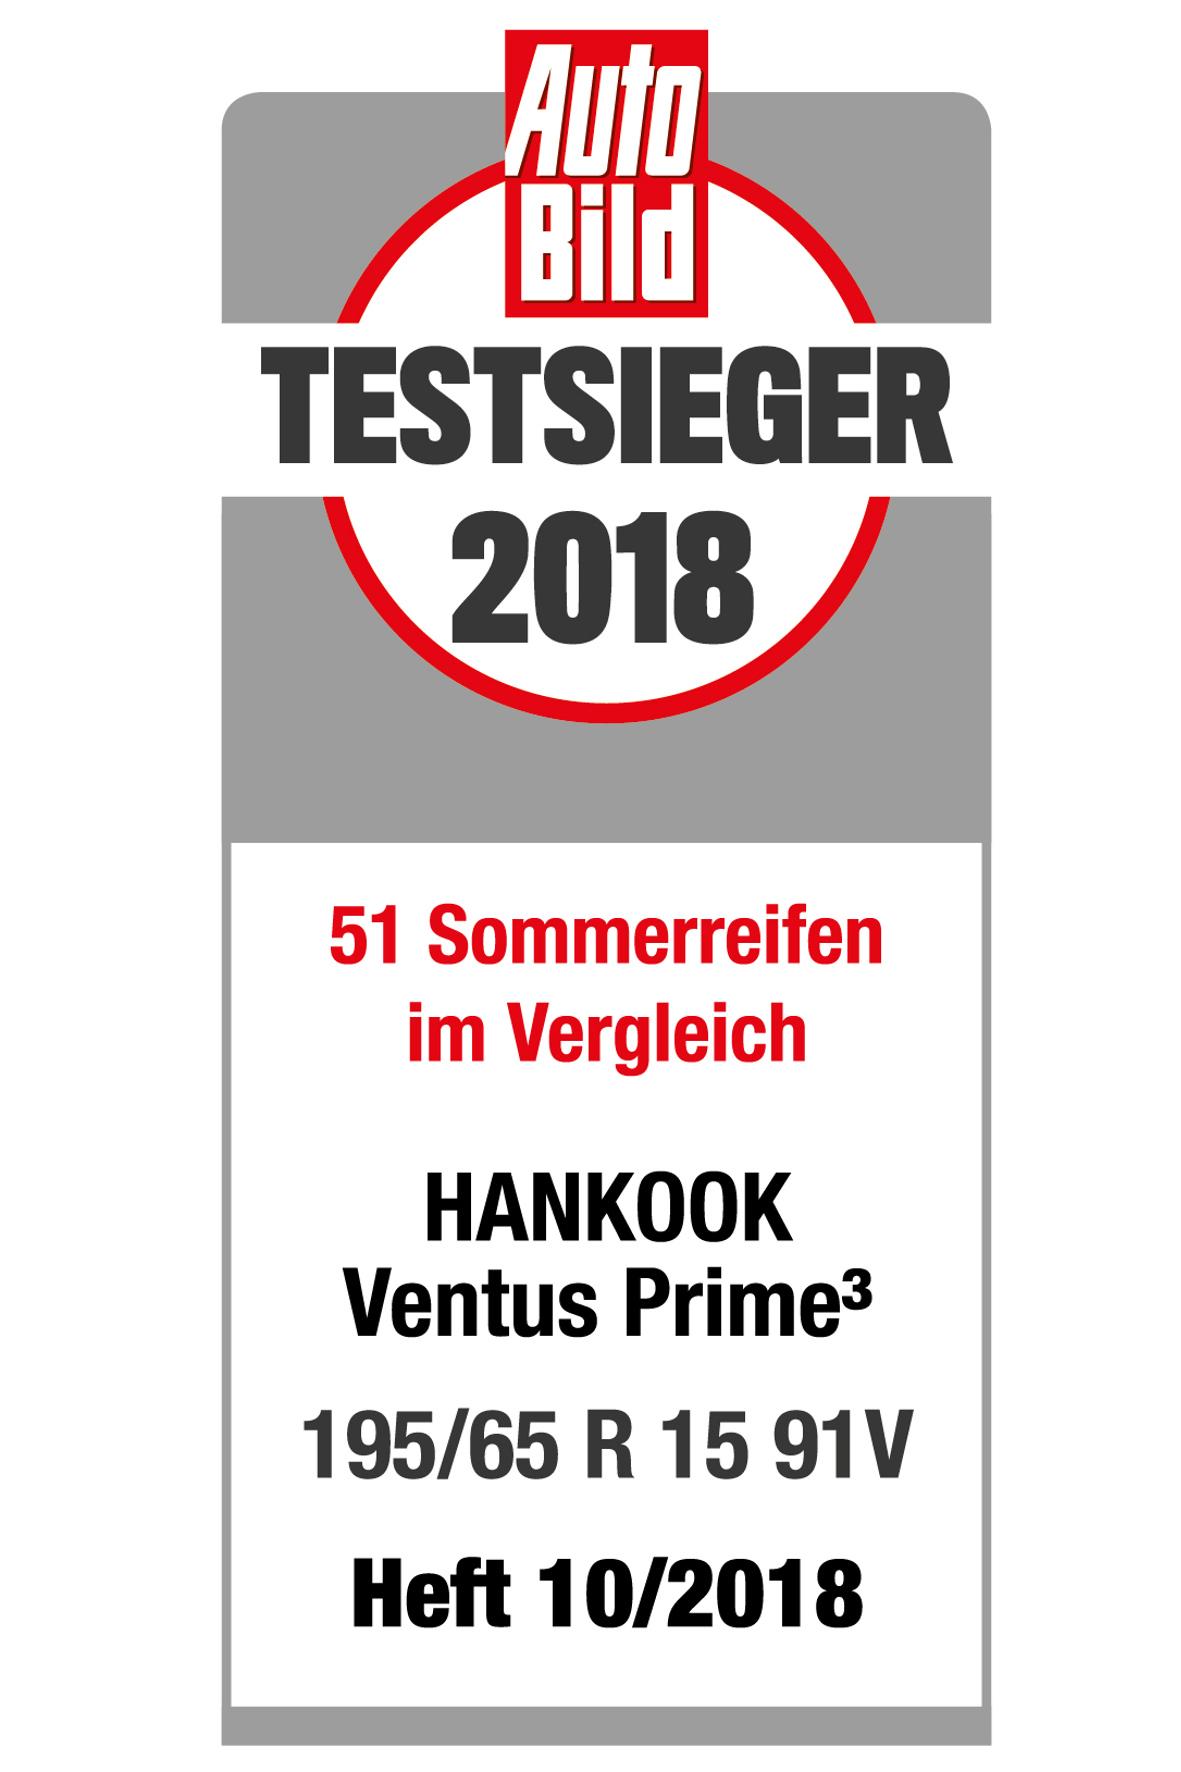 Die Auto Bild kürte den Sommerreifen Hankook Ventus Prime im wohl größten Reifentest überhaupt unter 51 geprüften Produkten nach 2016 bereits zum zweiten Mal zum Testsieger